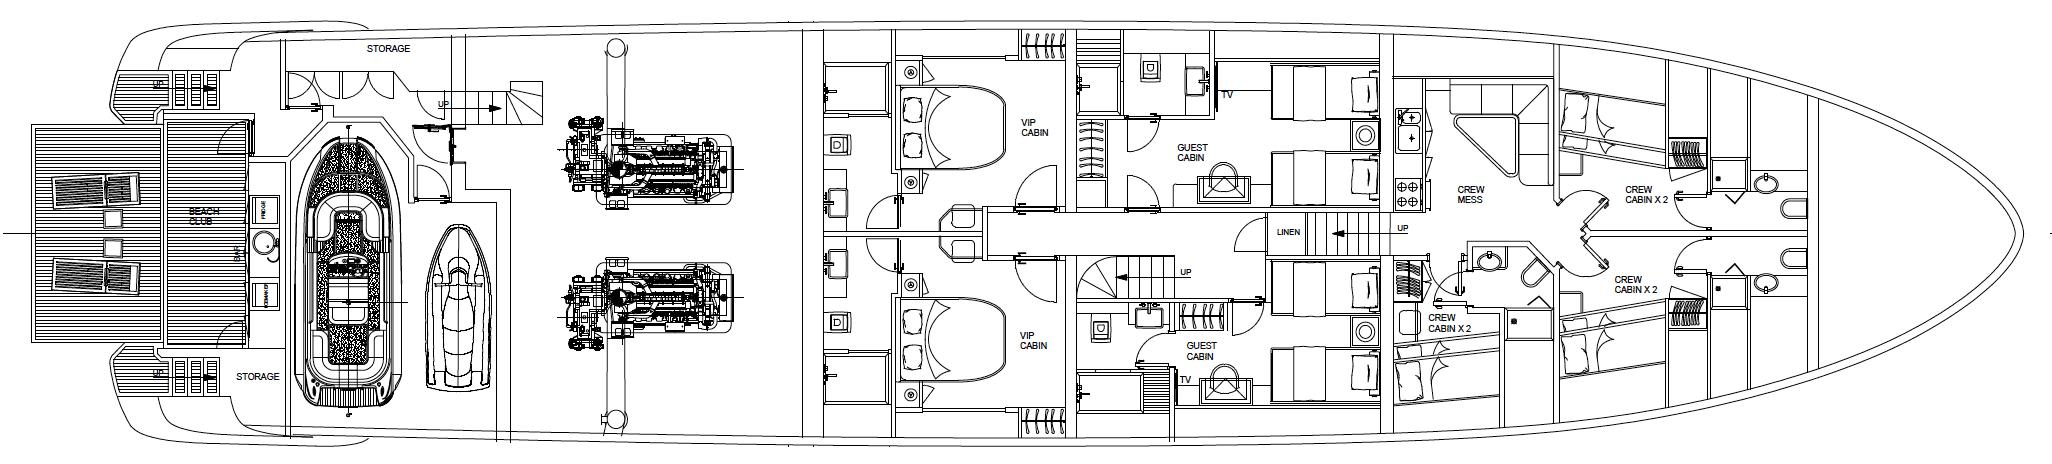 Explorer E36 - Lower deck